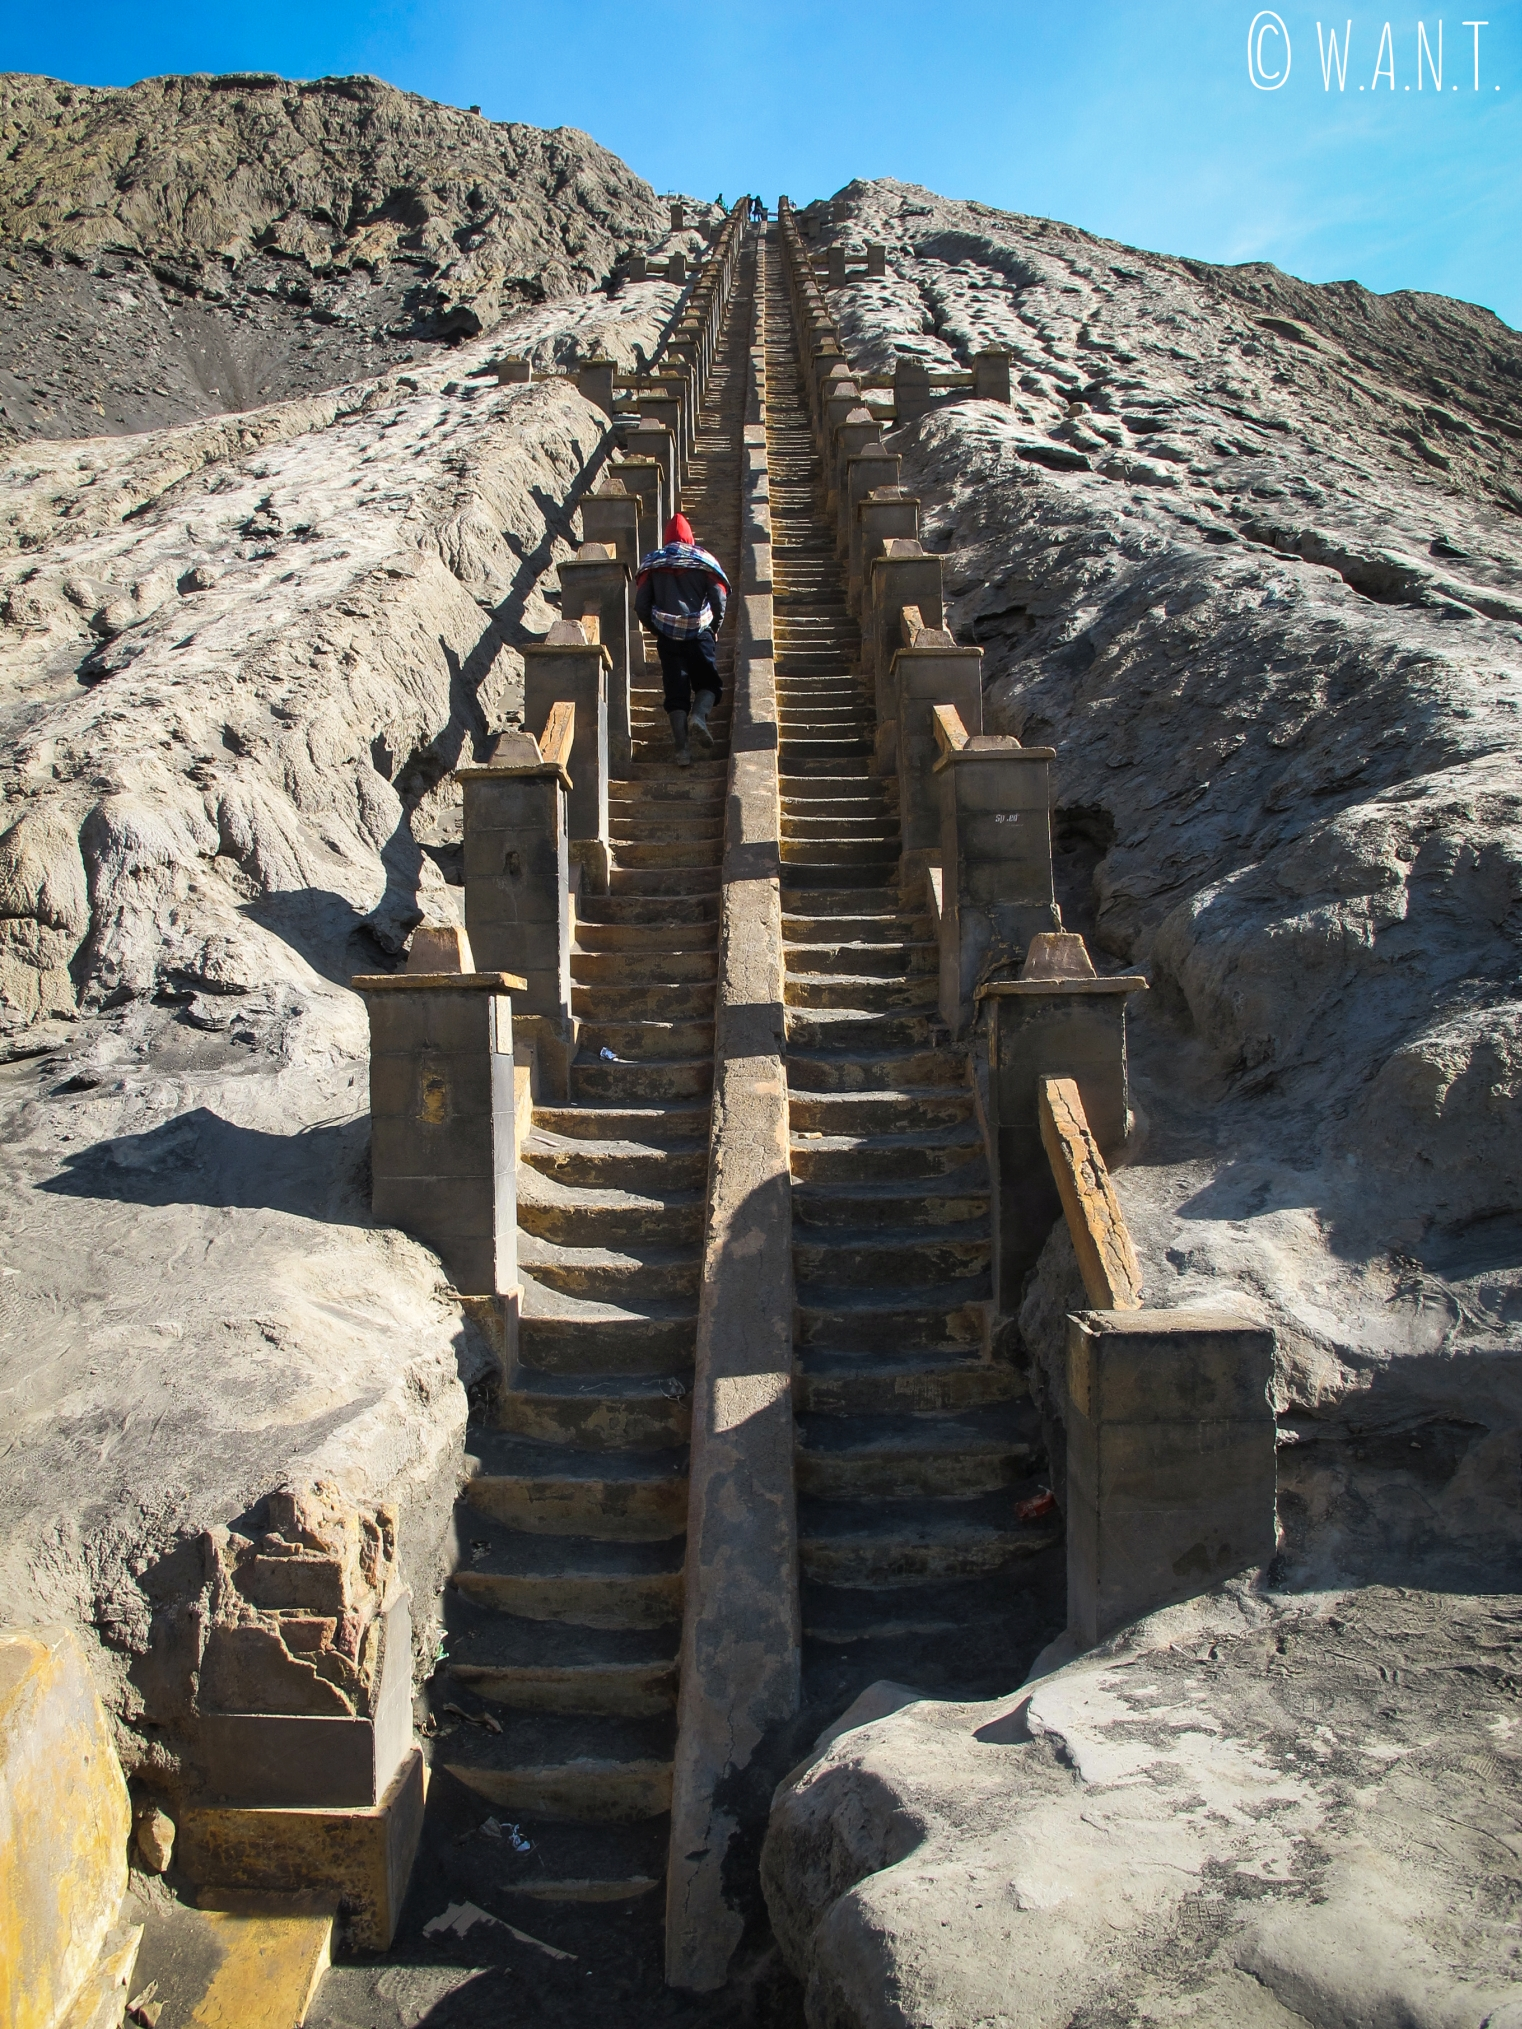 Escaliers menant au cratère du volcan Bromo